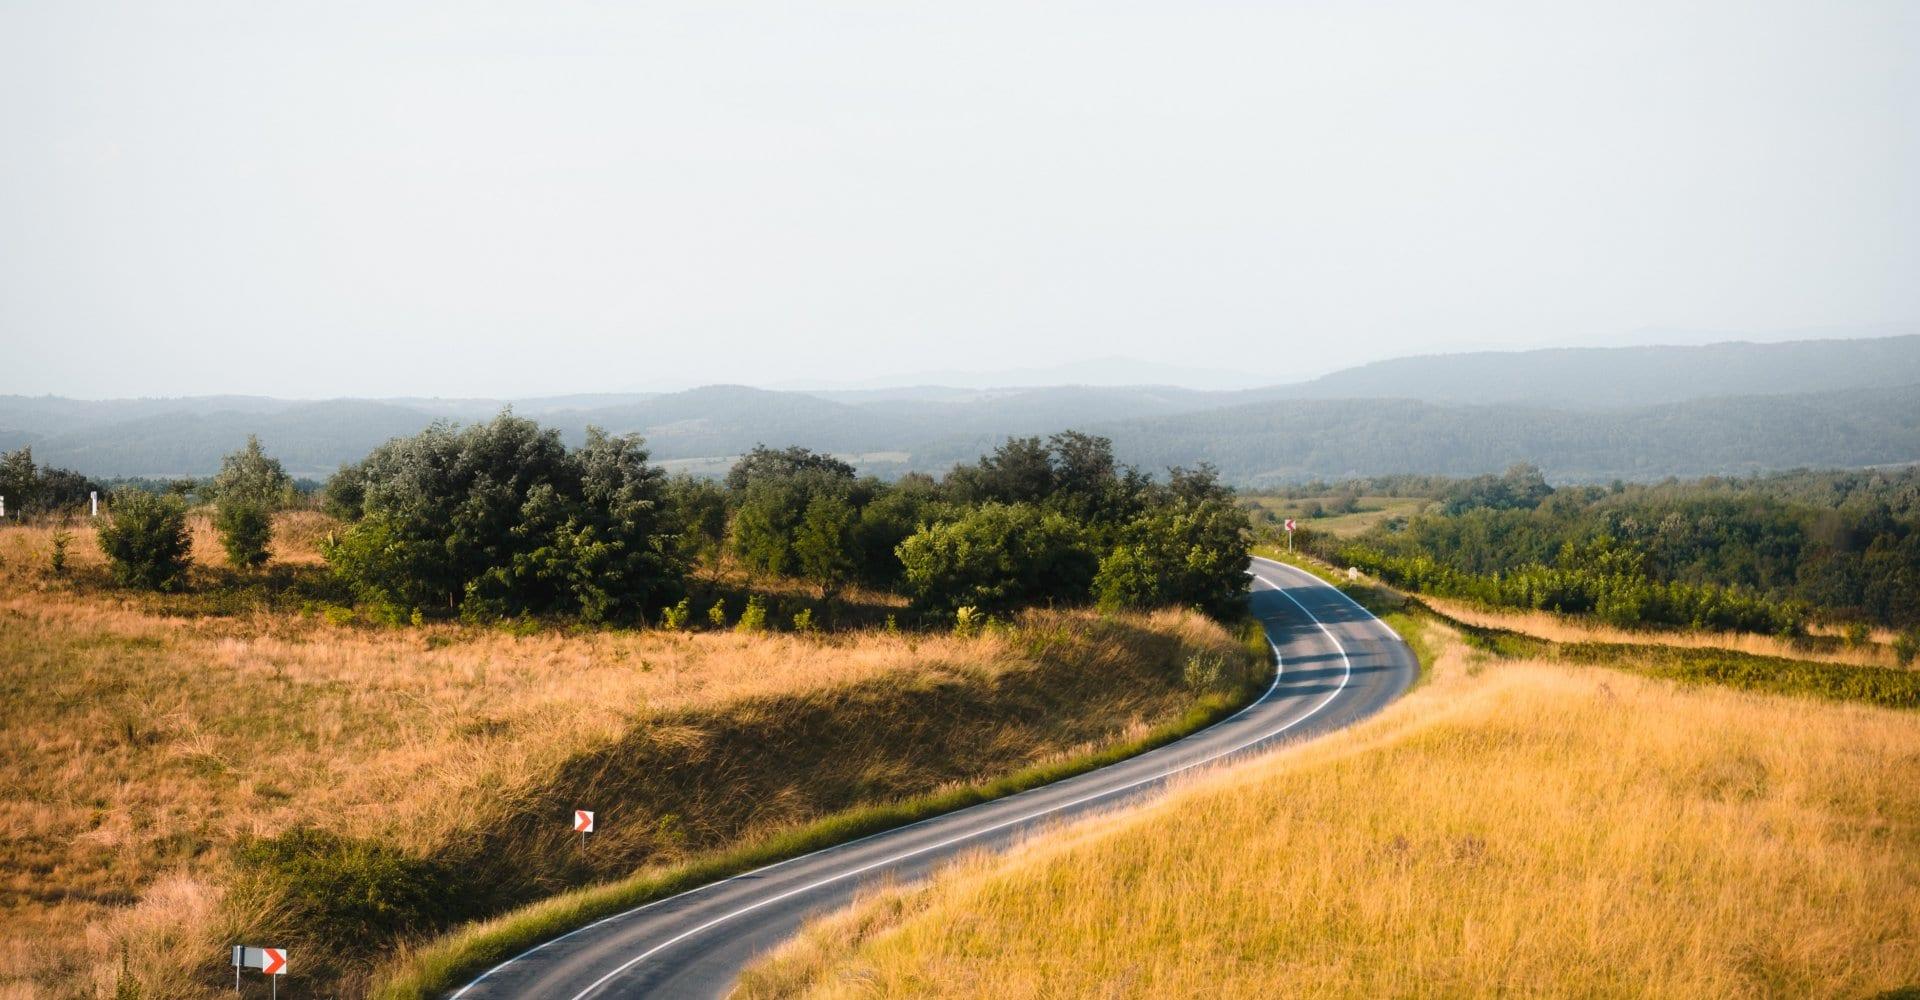 Werden ländliche Regionen mobiler durch Ridesharing?